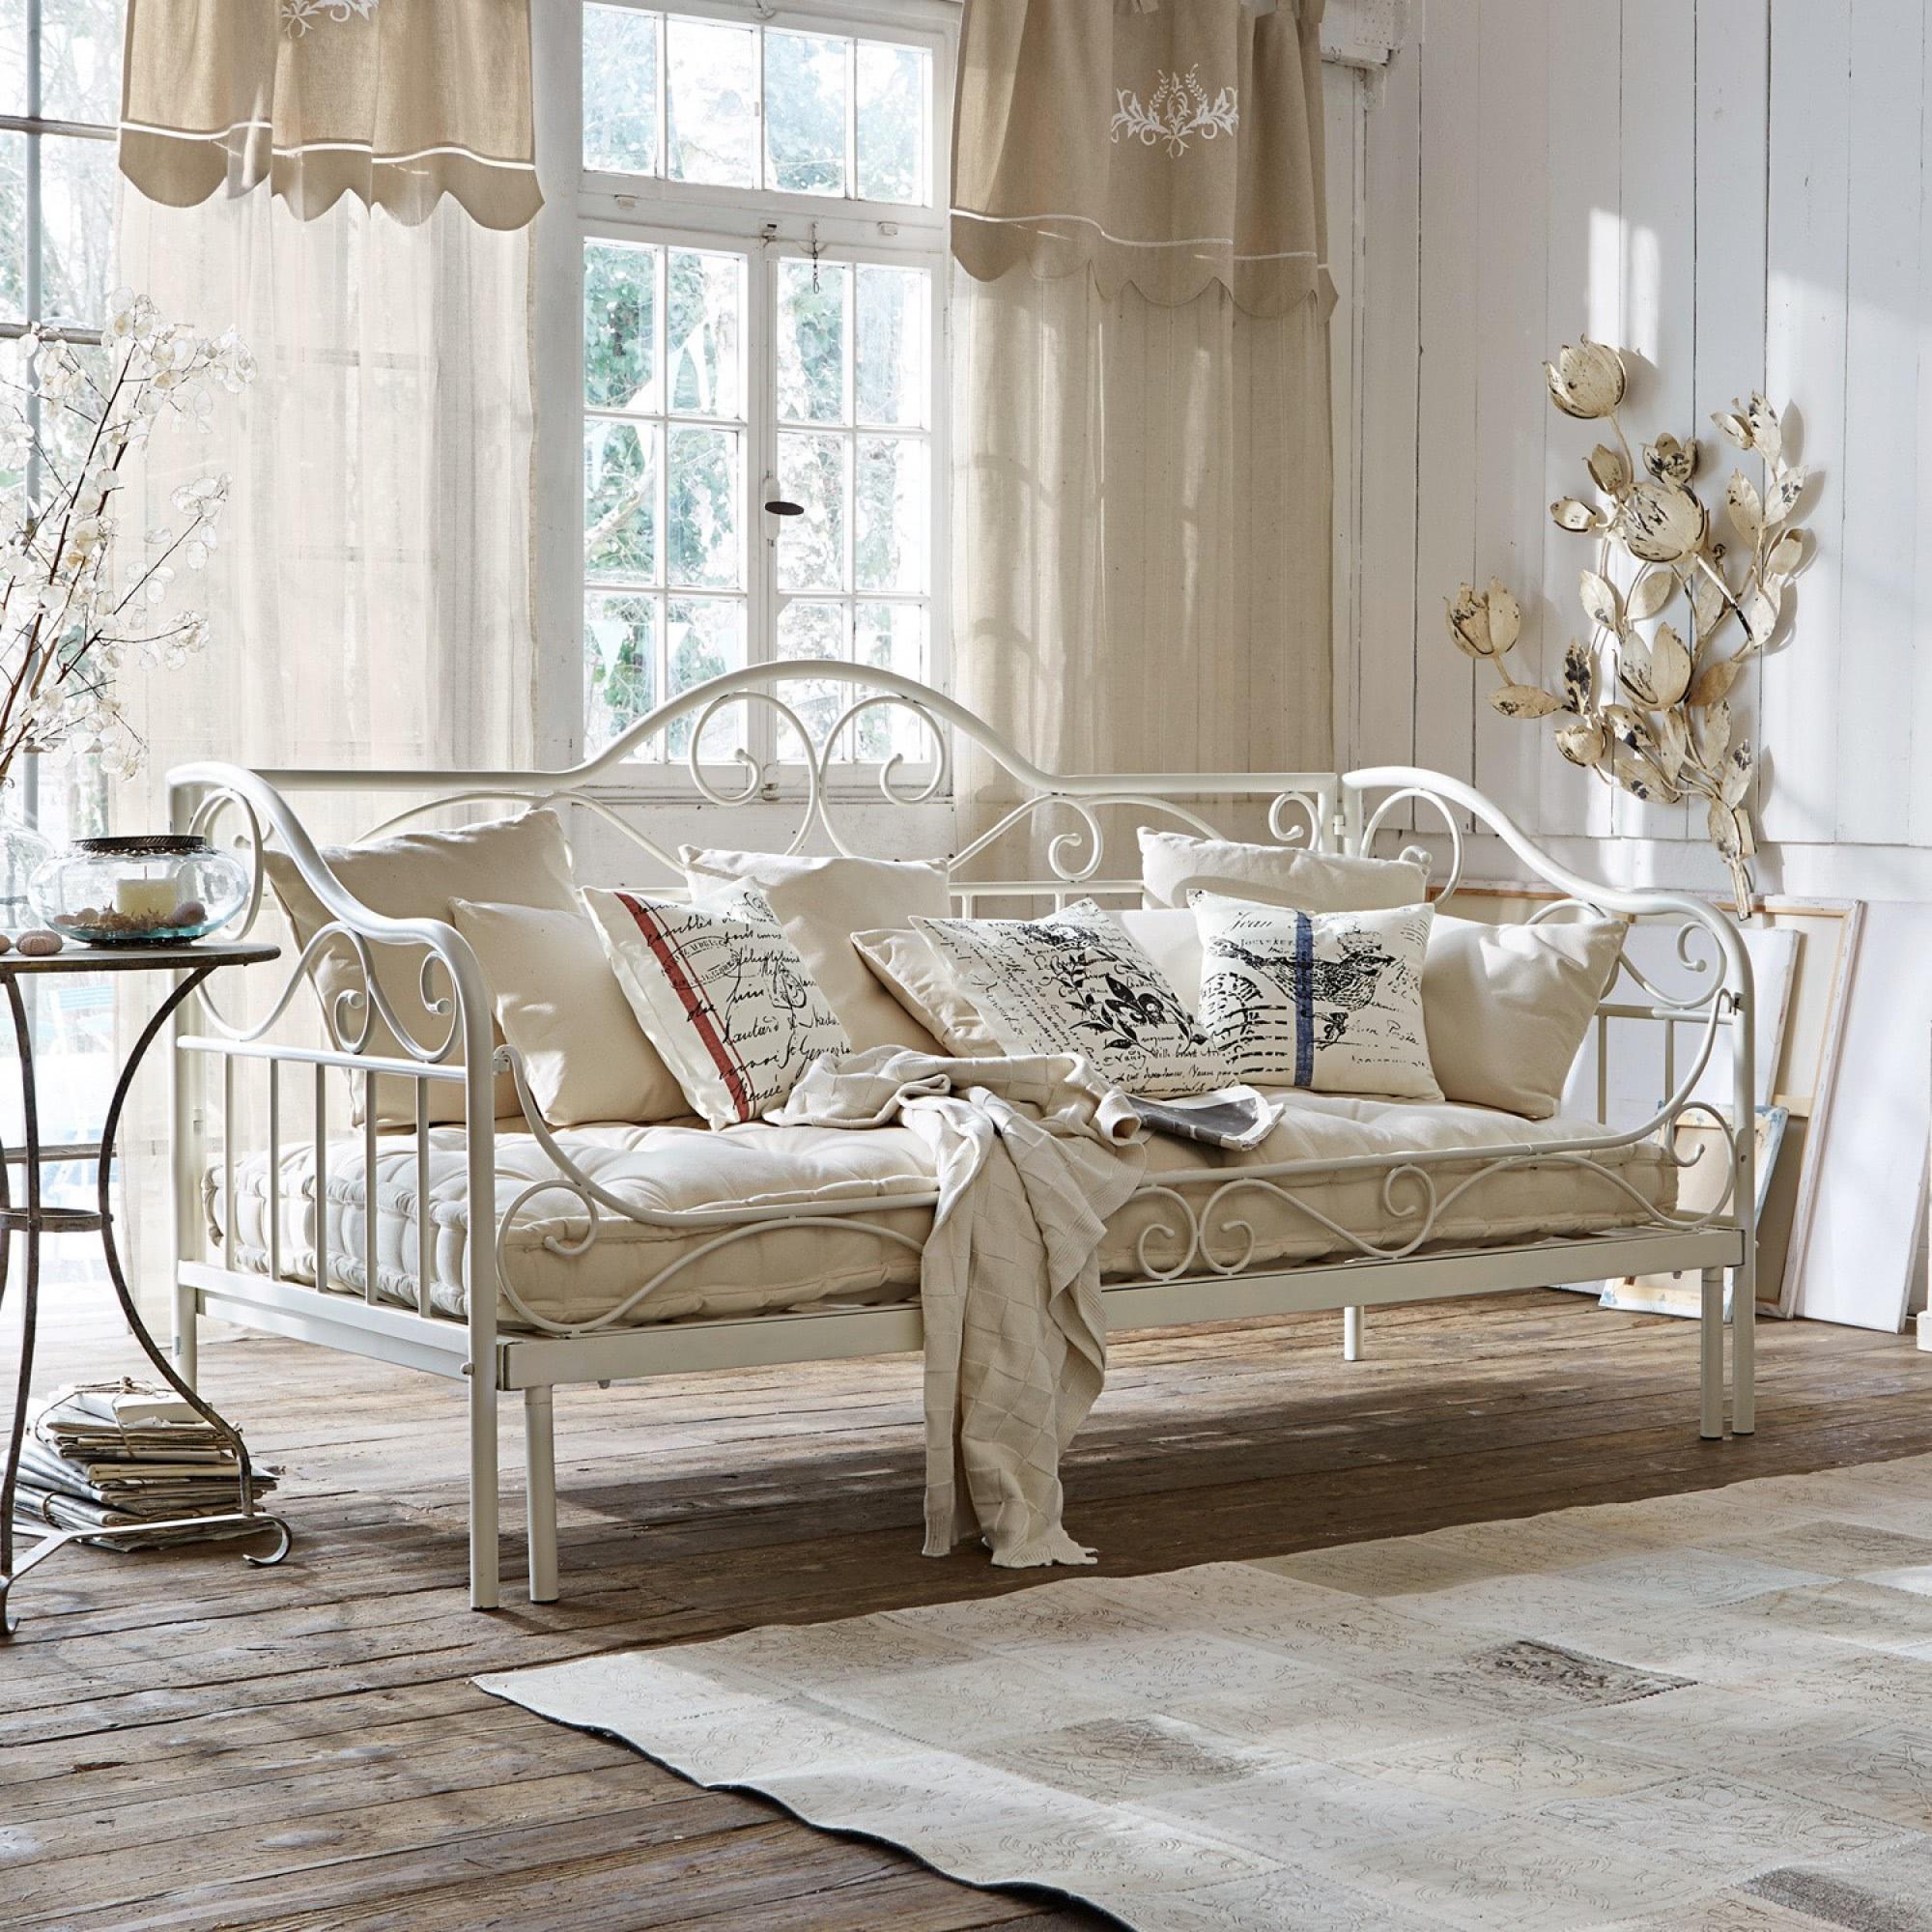 betten im vintage-style – stilvoll & wunderschön bequem ... - 33 Traditionelle Bett Designs Klassisch